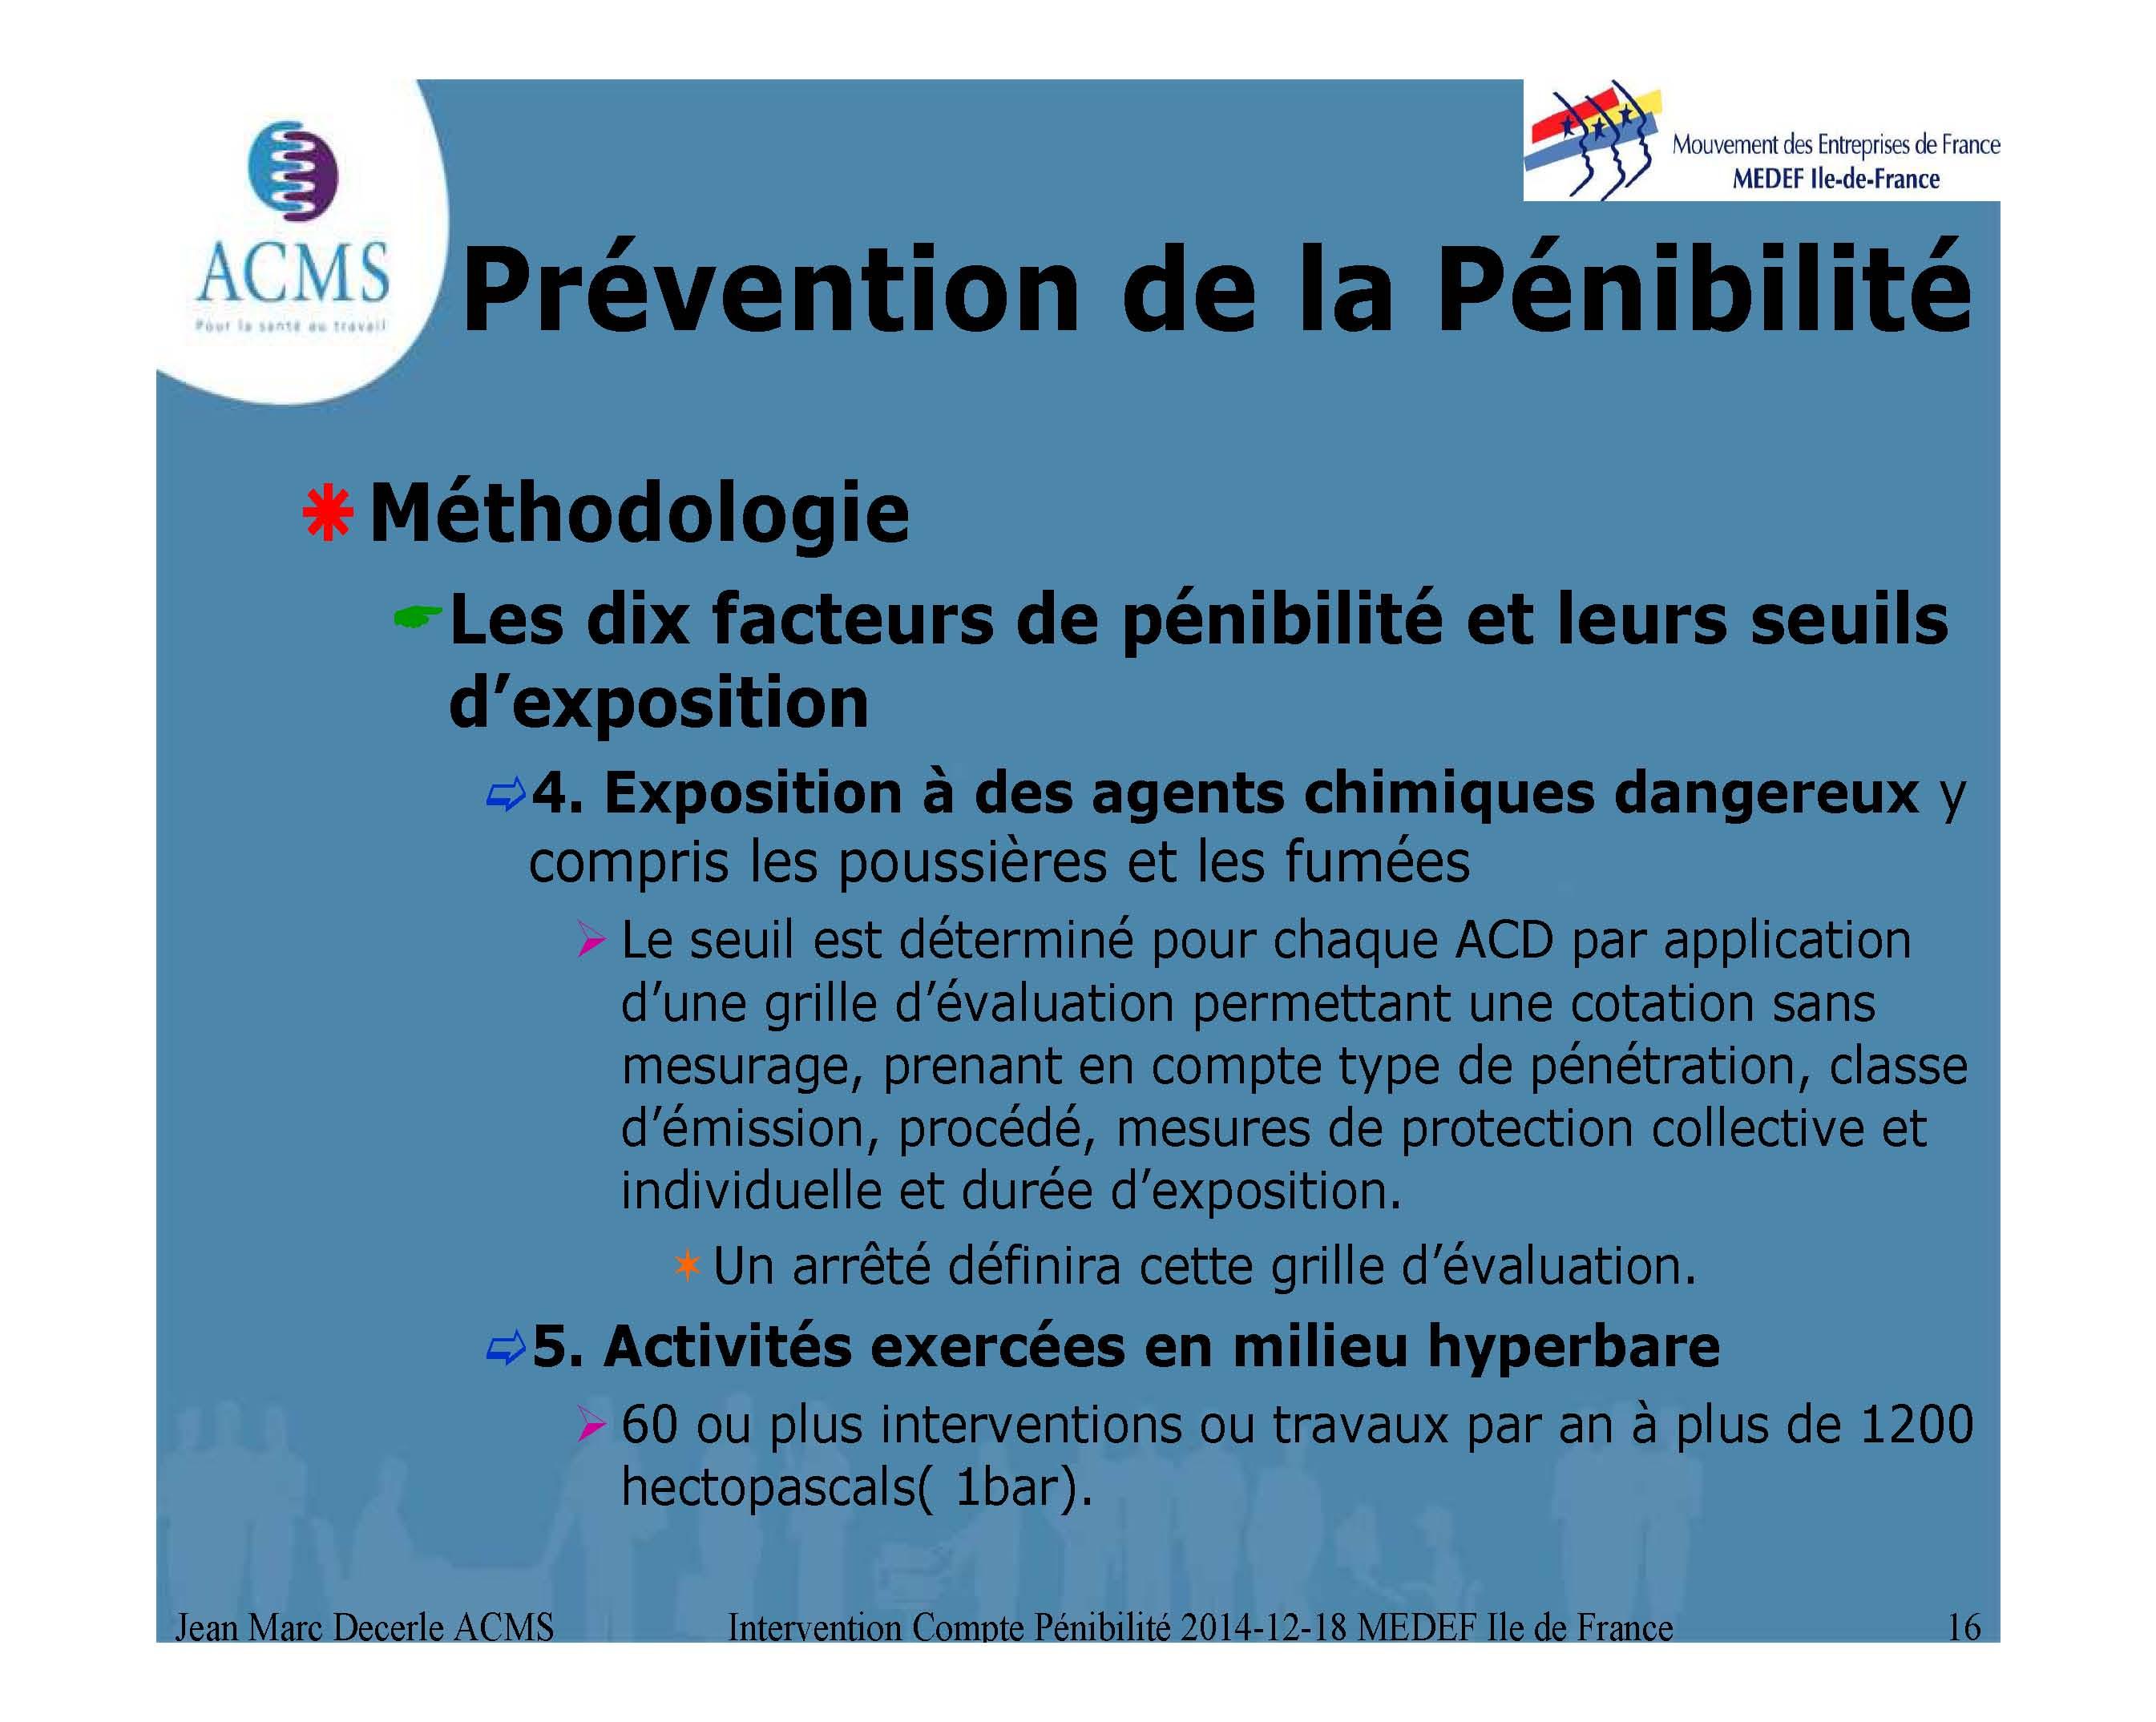 2014-12-18 Compte Pénibilite MEDEF Ile de France_Page_16